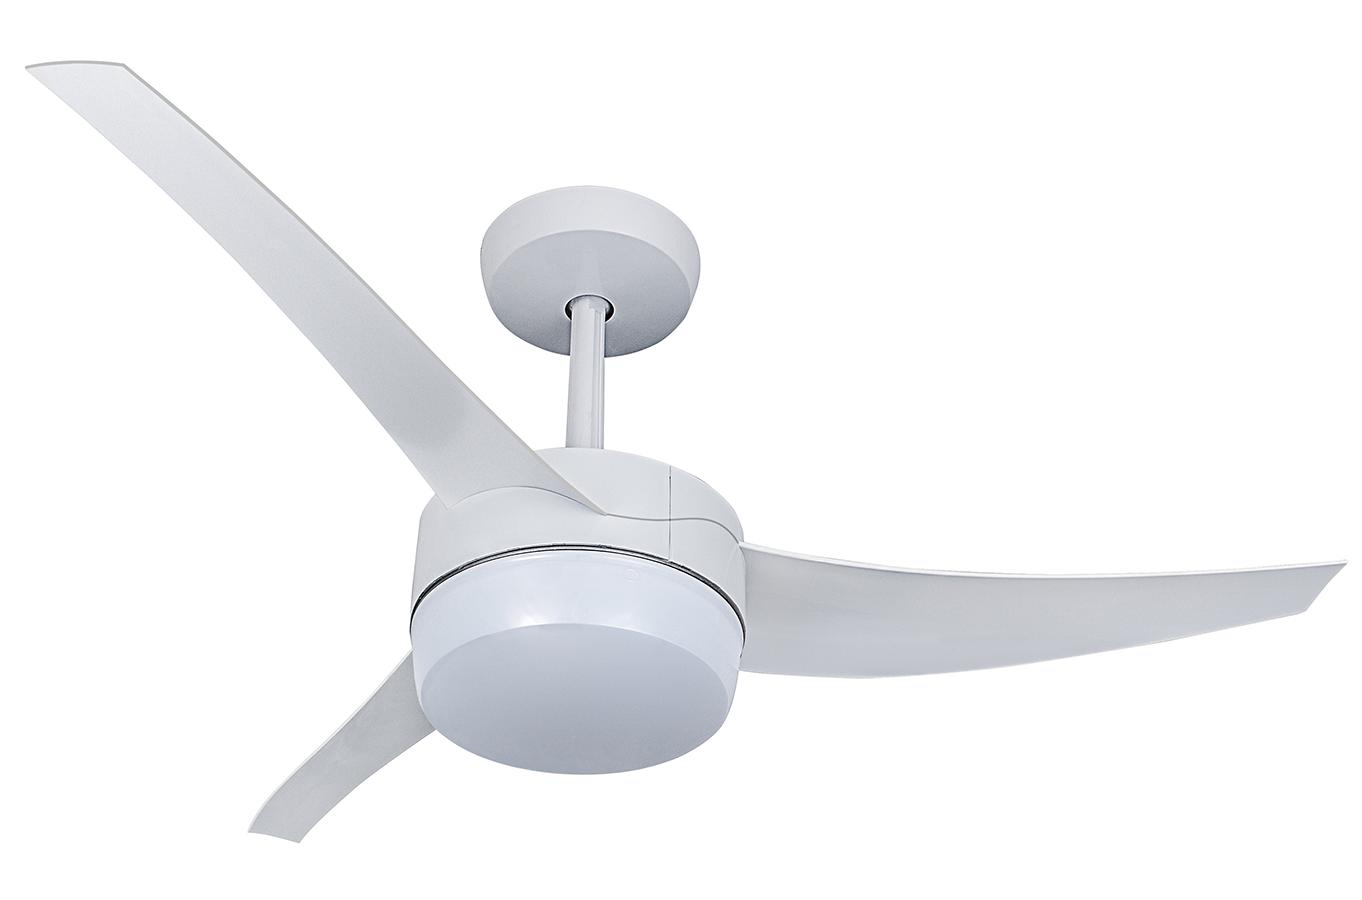 Ventilador Teto Lunik Branco Com Controle 513101 - Venti-Delta